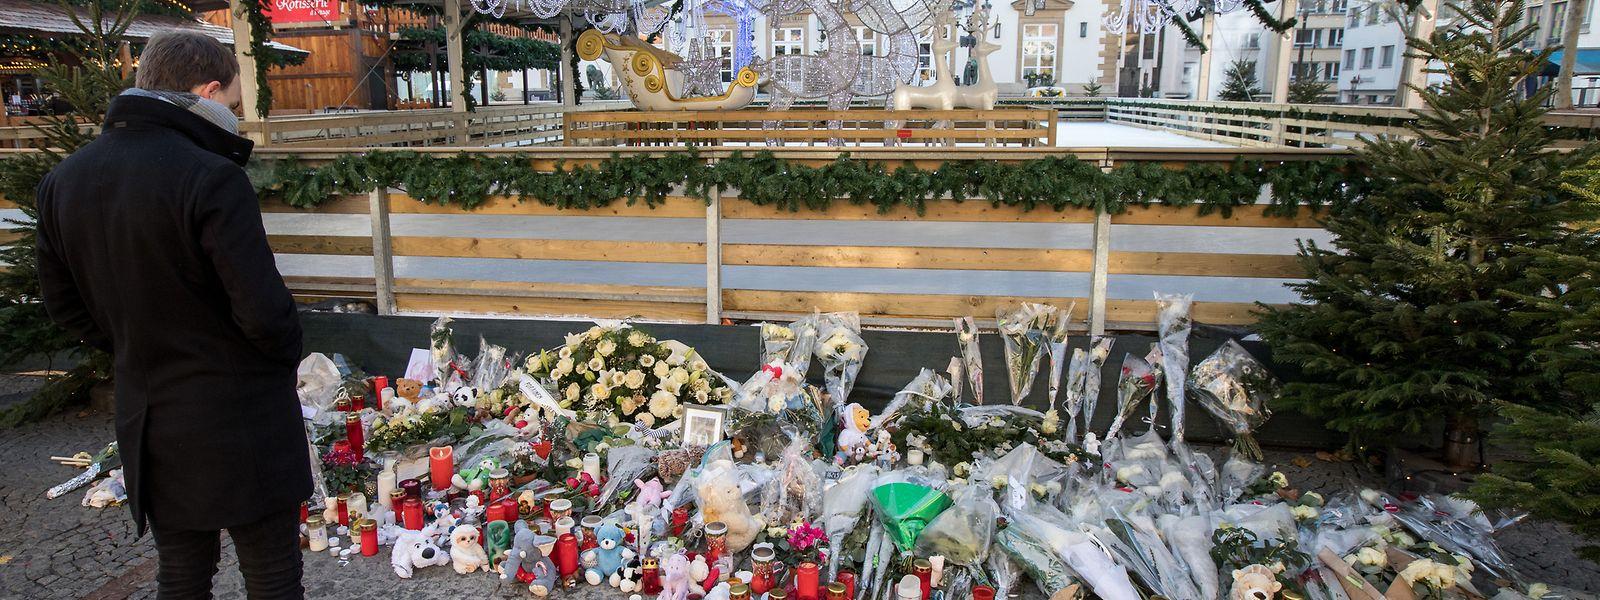 Plüschtiere, Kerzen und Blumen an der Unfallstelle bezeugen, wie sehr der Tod des zweijährigen Emran die Menschen in Luxemburg auch noch nach knapp zwei Wochen bewegt.